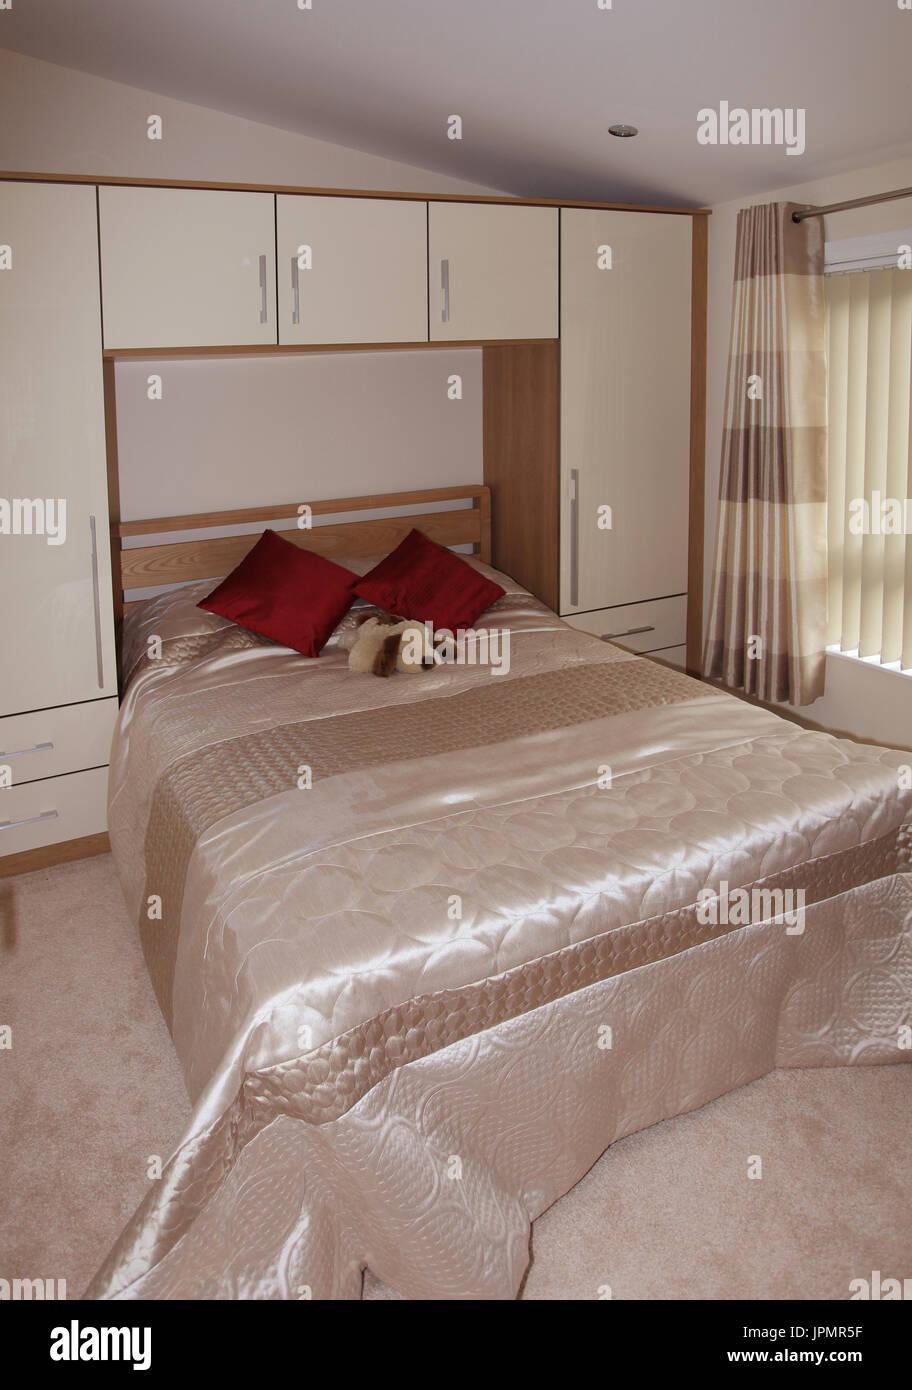 comfortable bedroom peaceful night's sleep - Stock Image